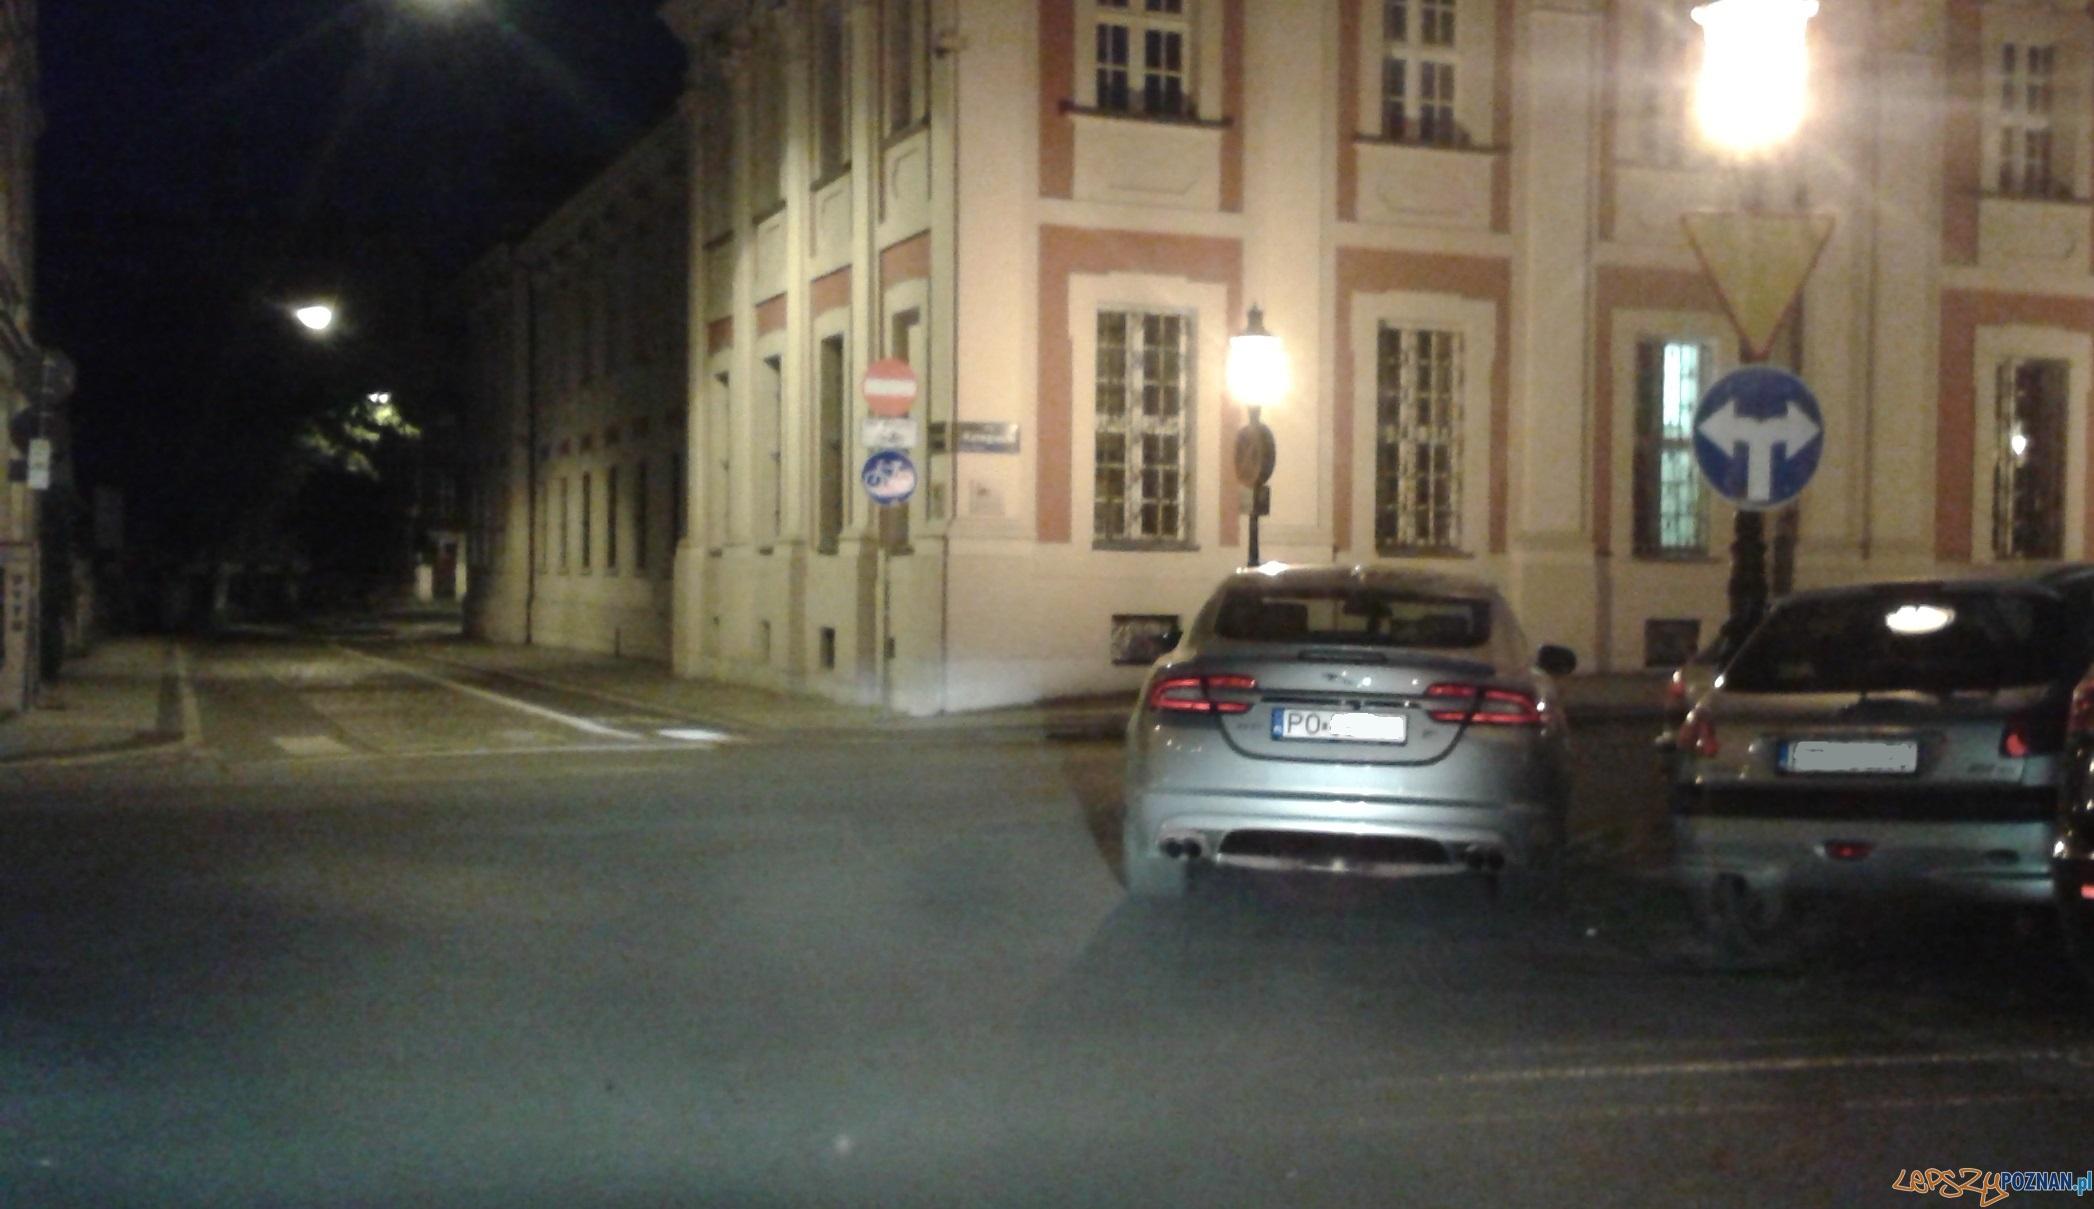 Parkujący jaguar na Placu Kolegiackim - Poznań 05.08.2014 r.  Foto: gsm